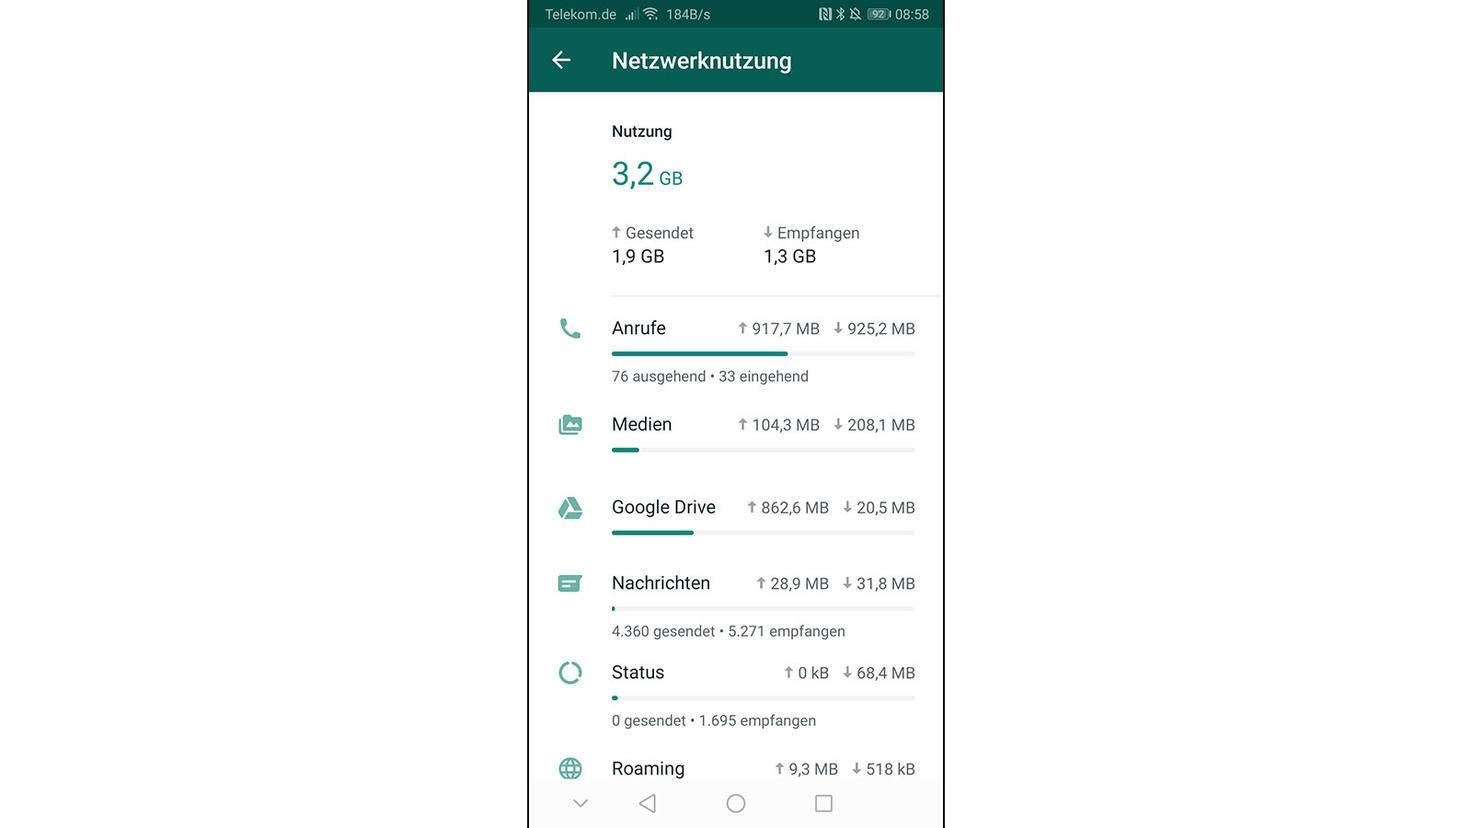 WhatsApp Datennutzung